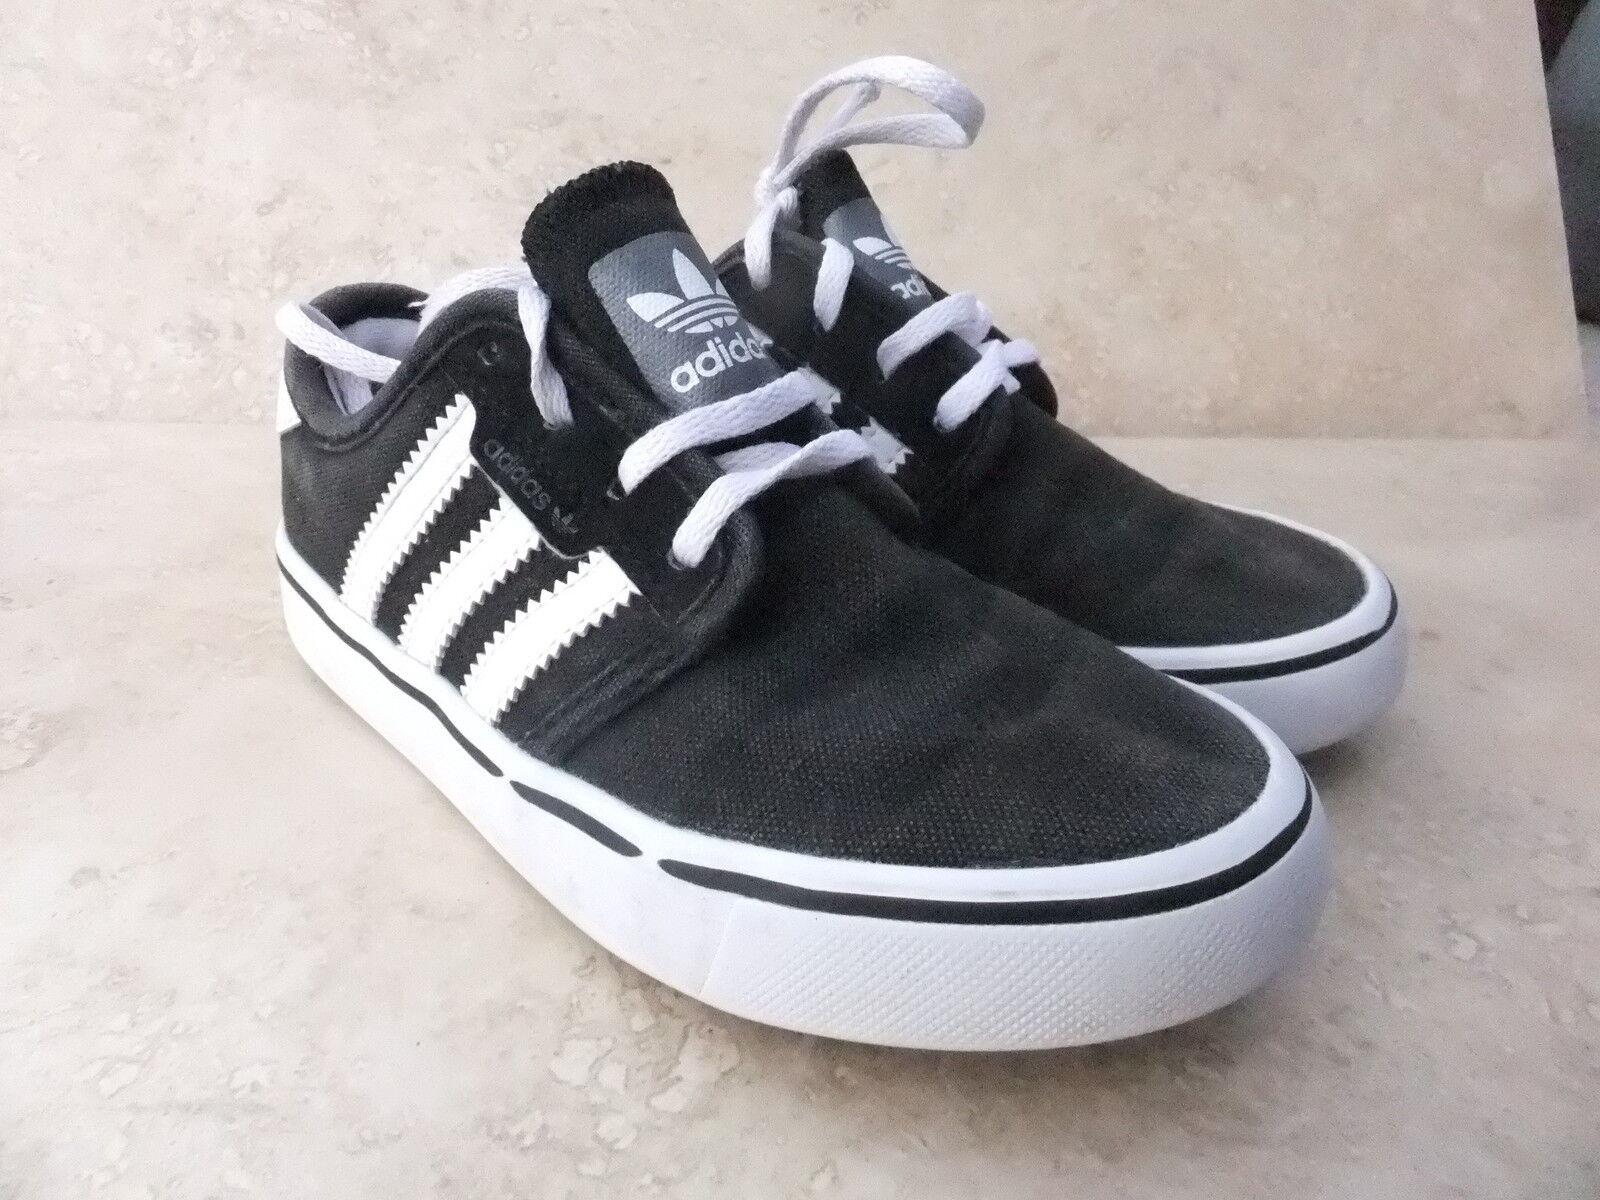 Enfants Adidas Seeley 115 Chaussures de sport Sneaker en toile noire UK 12 EUR 30.5